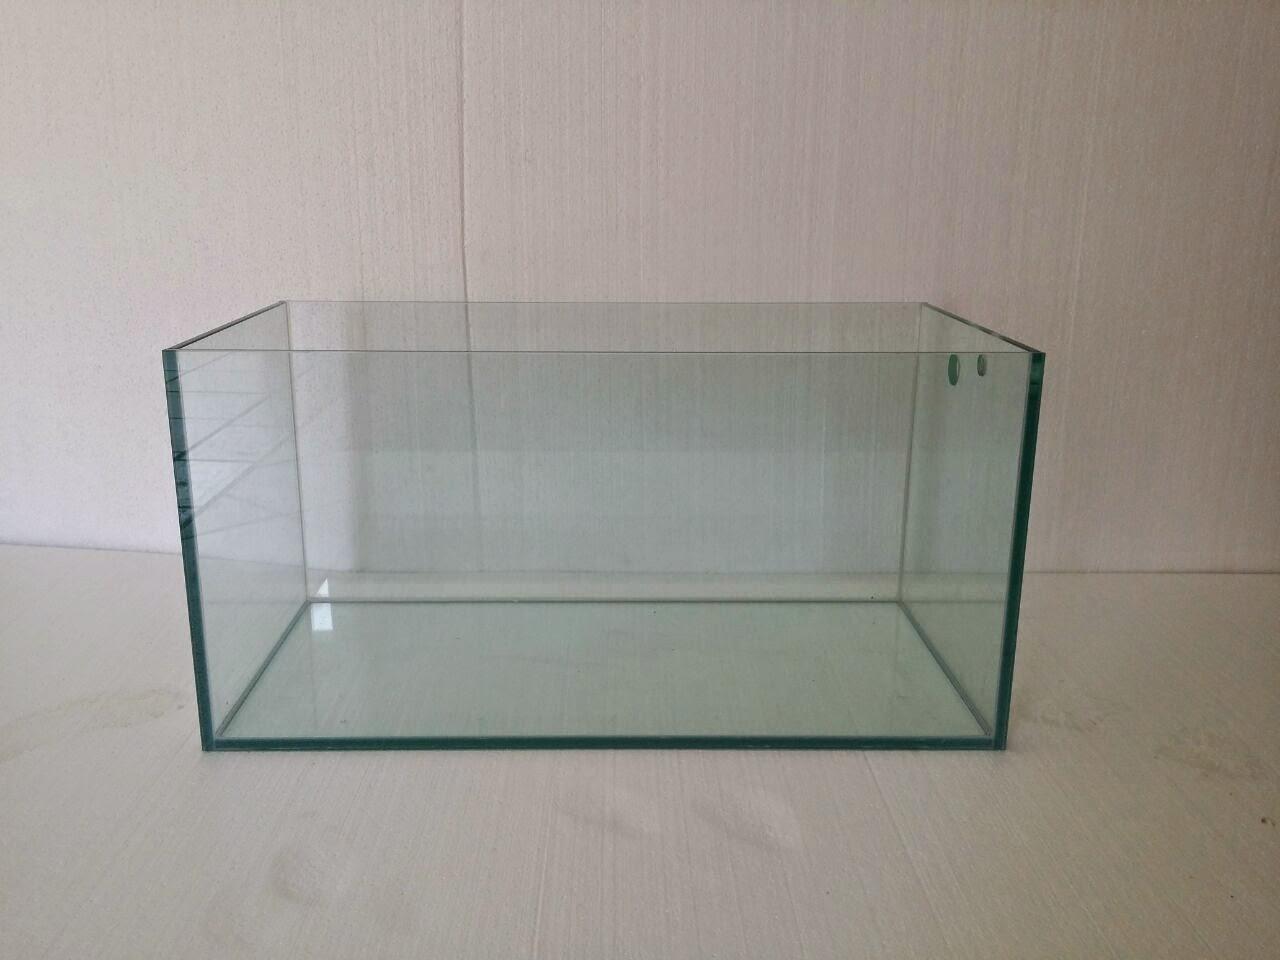 Acuarios a medida acuario de 128 litros silicona transparente for Acuarios a medida